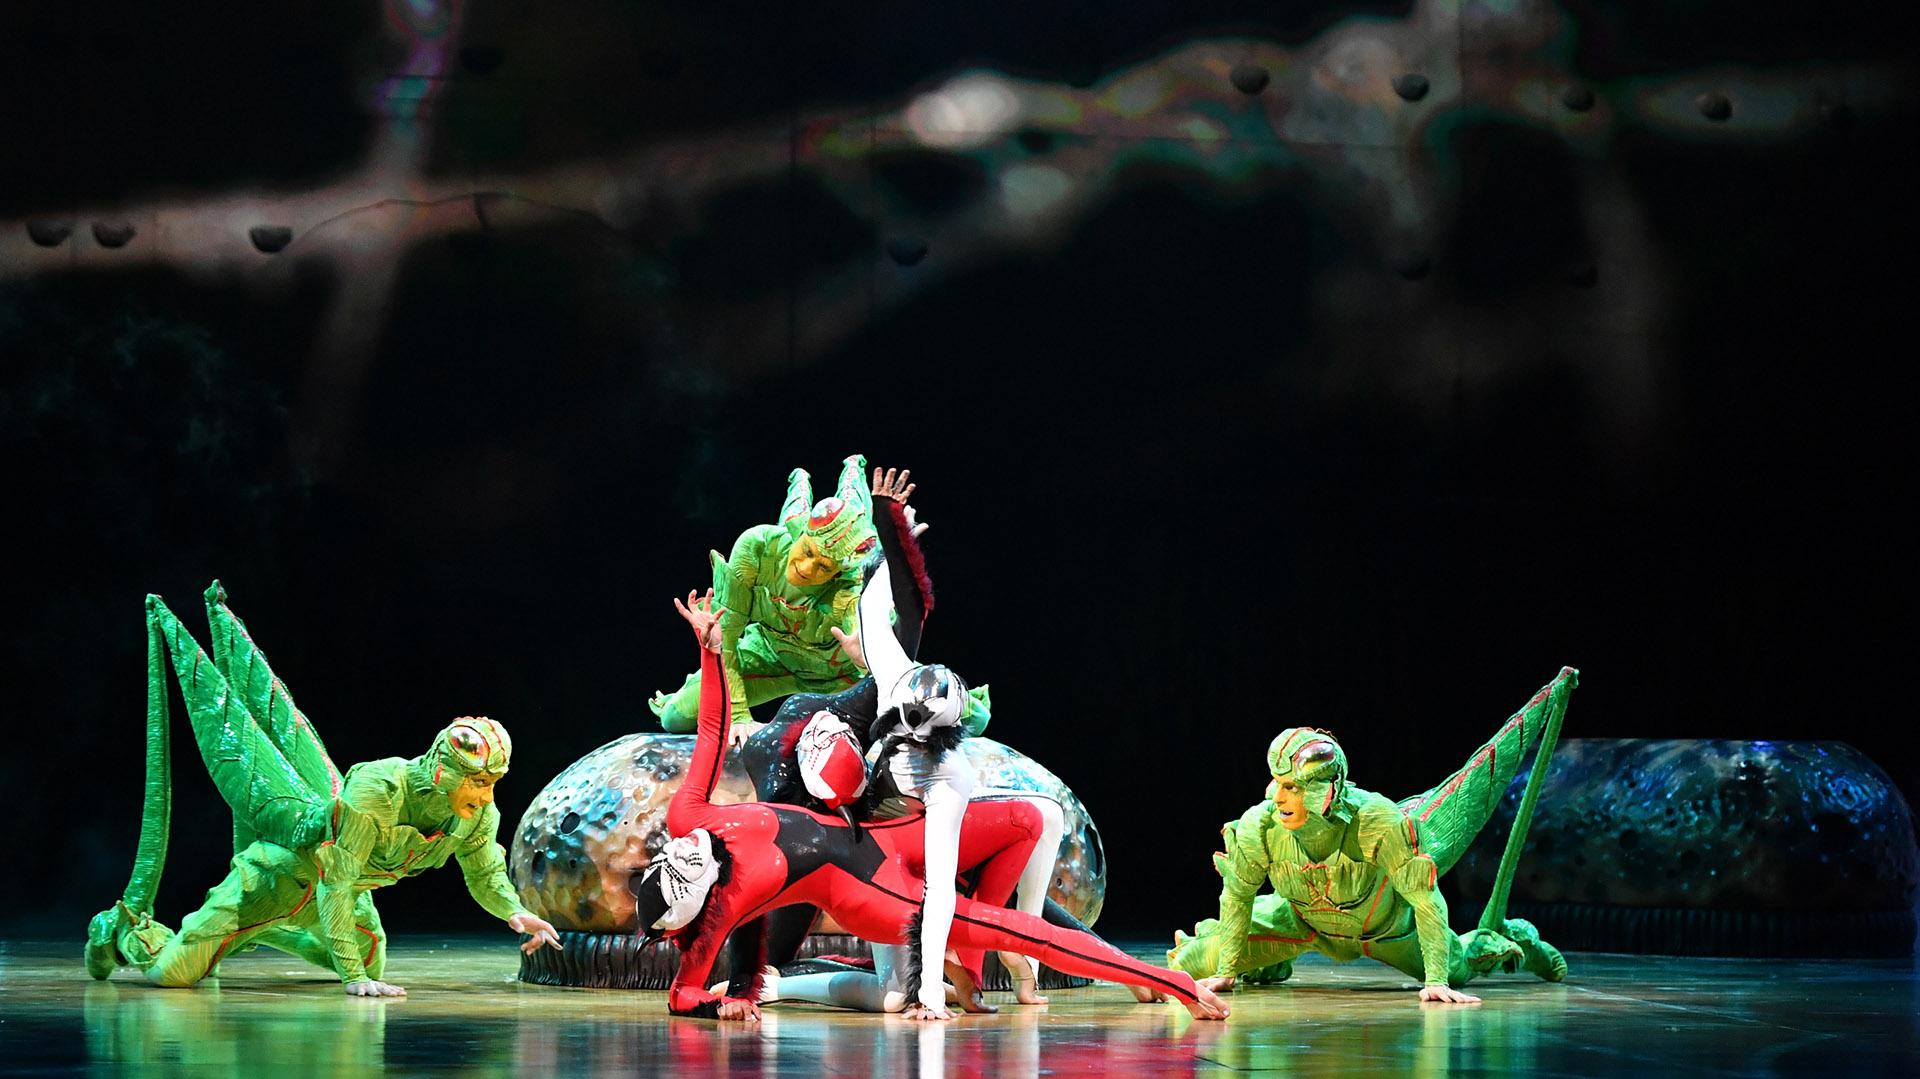 """Los grillos también son parte de la historia de """"OvO"""", presentando sus elásticas formas, aptas para todo tipo de destrezas (Cirque du Soleil)"""